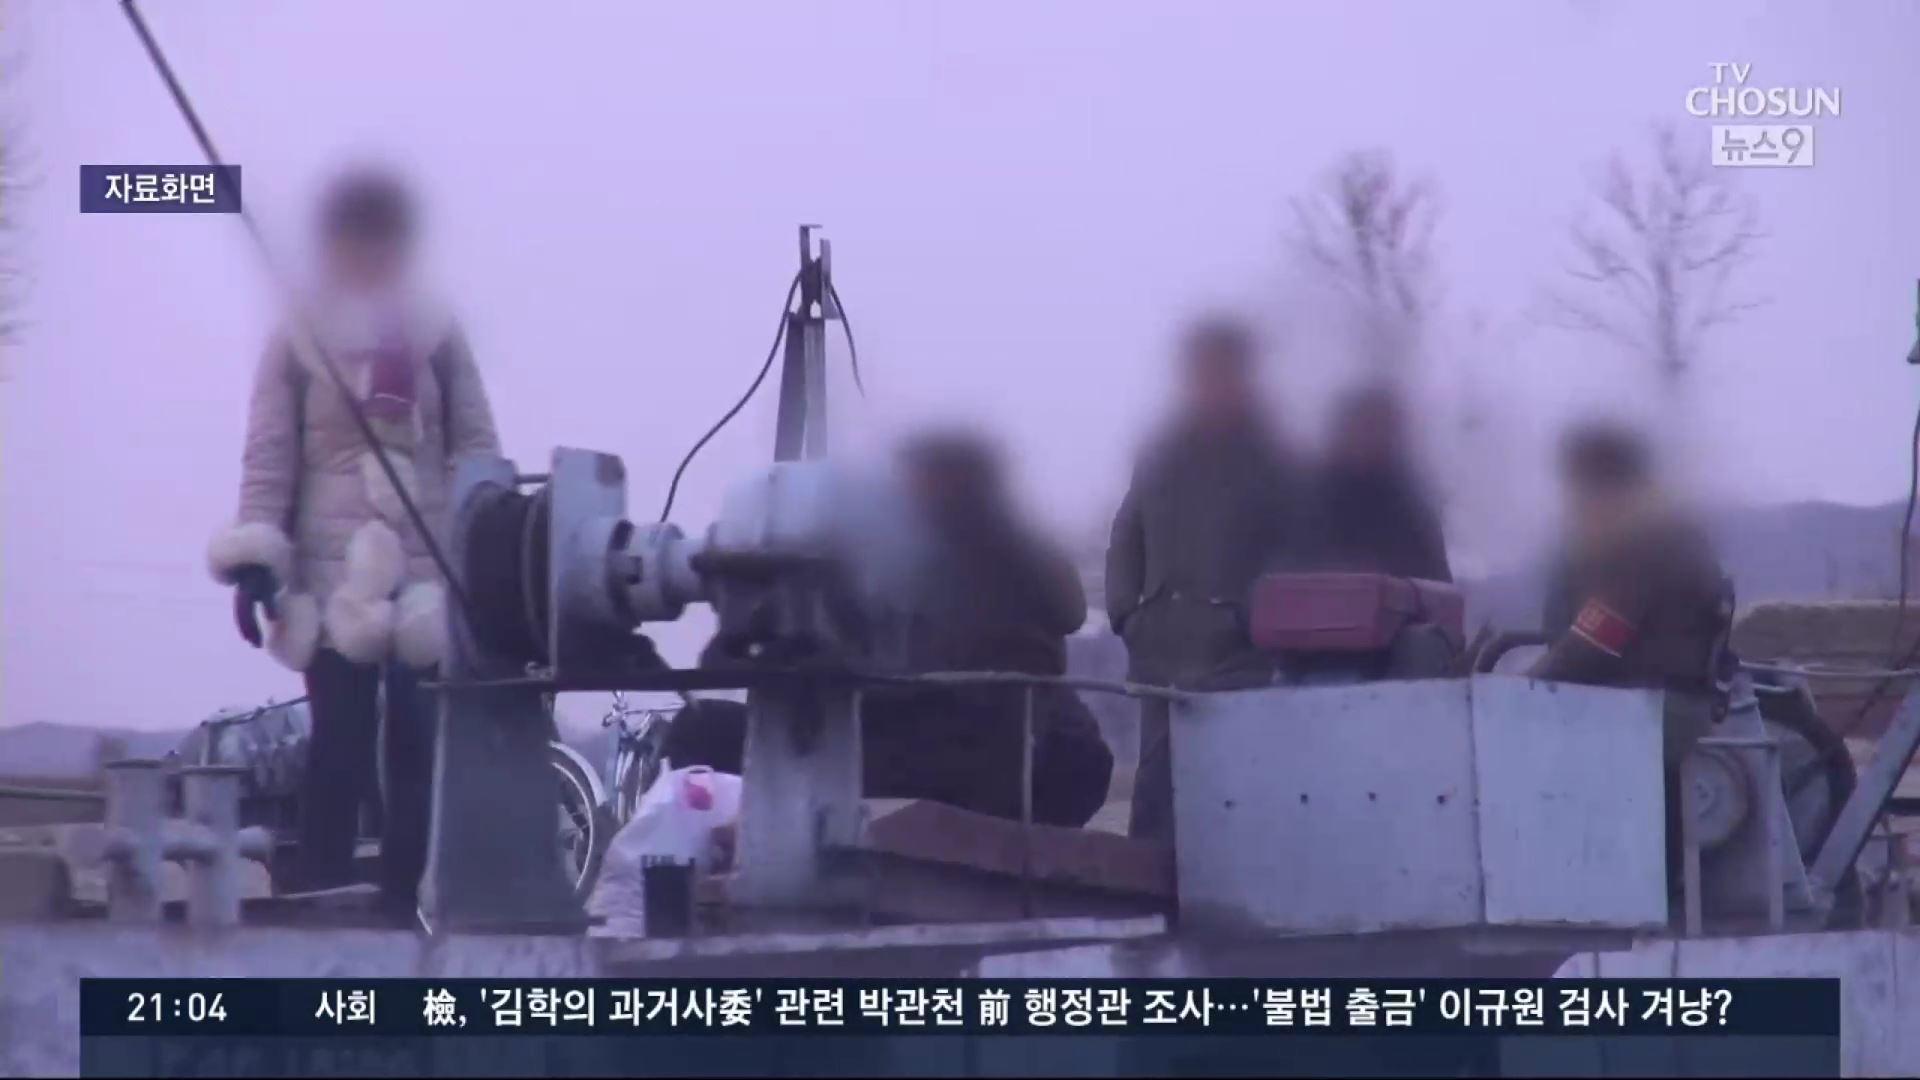 [단독] 文정부 들어 '탈북 가장 간첩' 두 차례 검거했다